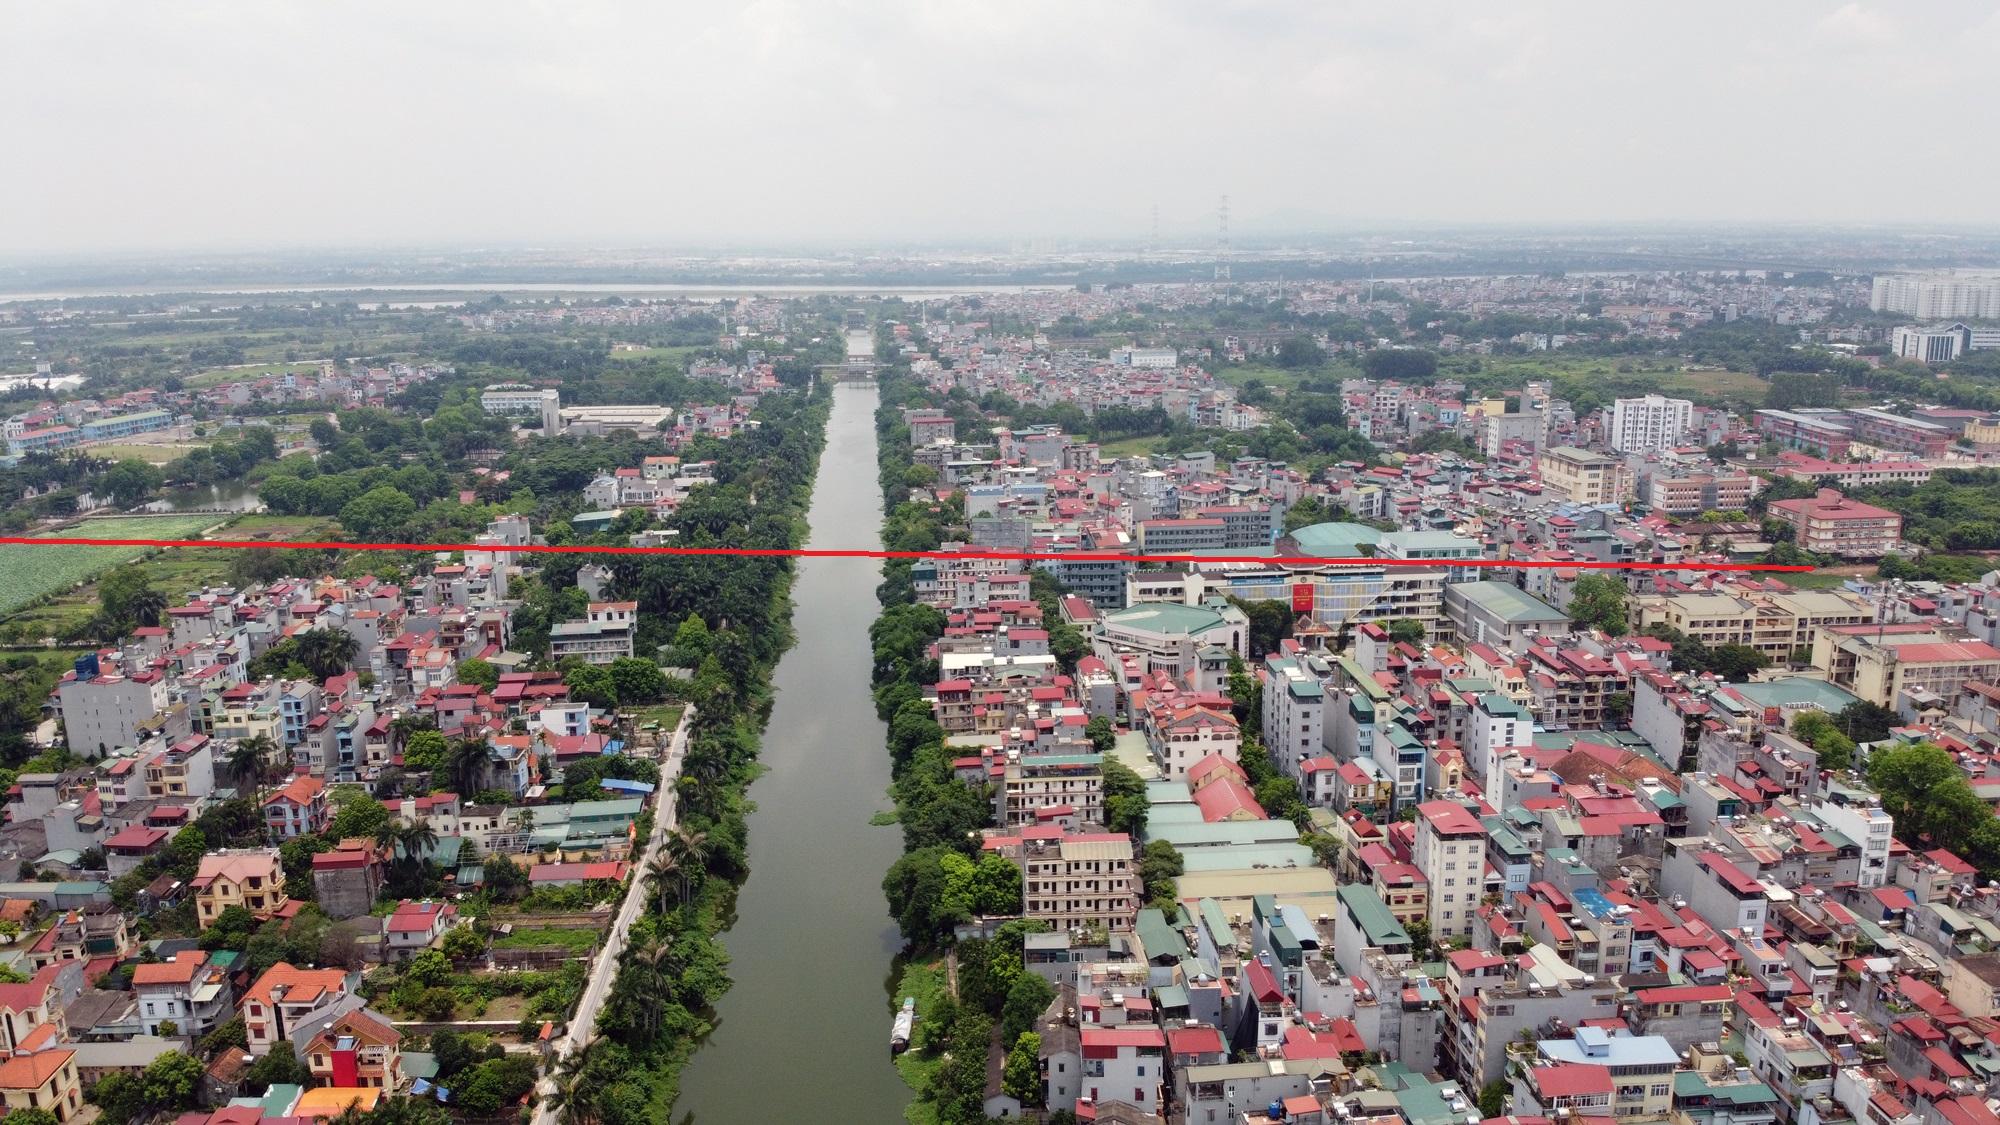 3 đường sẽ mở theo qui hoạch ở phường Thụy Phương, Bắc Từ Liêm - Ảnh 15.